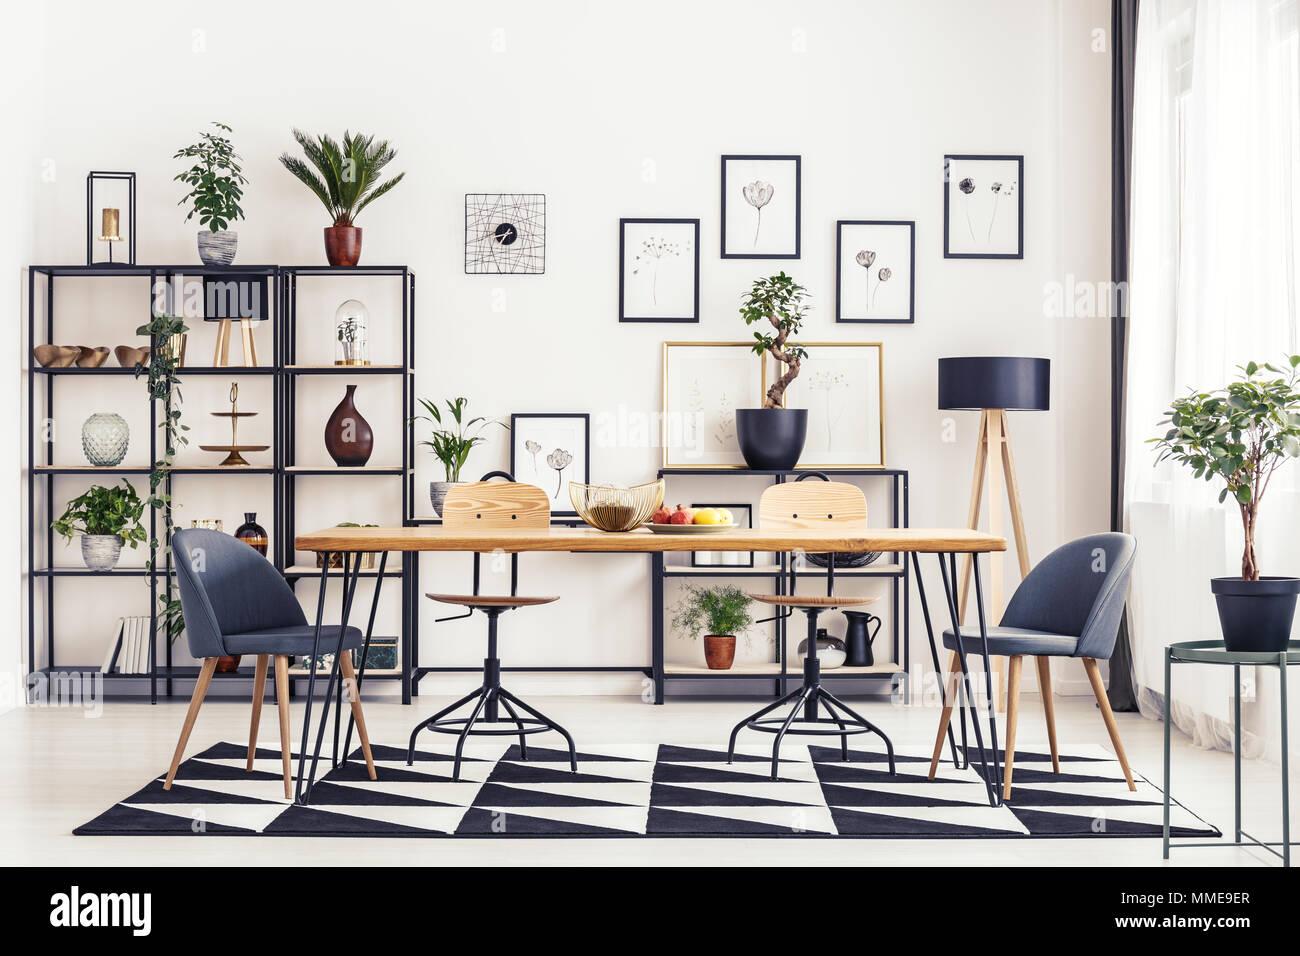 Grauen Stuhlen Am Tisch Auf Schwarzen Und Weissen Teppich In Esszimmer Mit Galerie Der Poster Stockfotografie Alamy